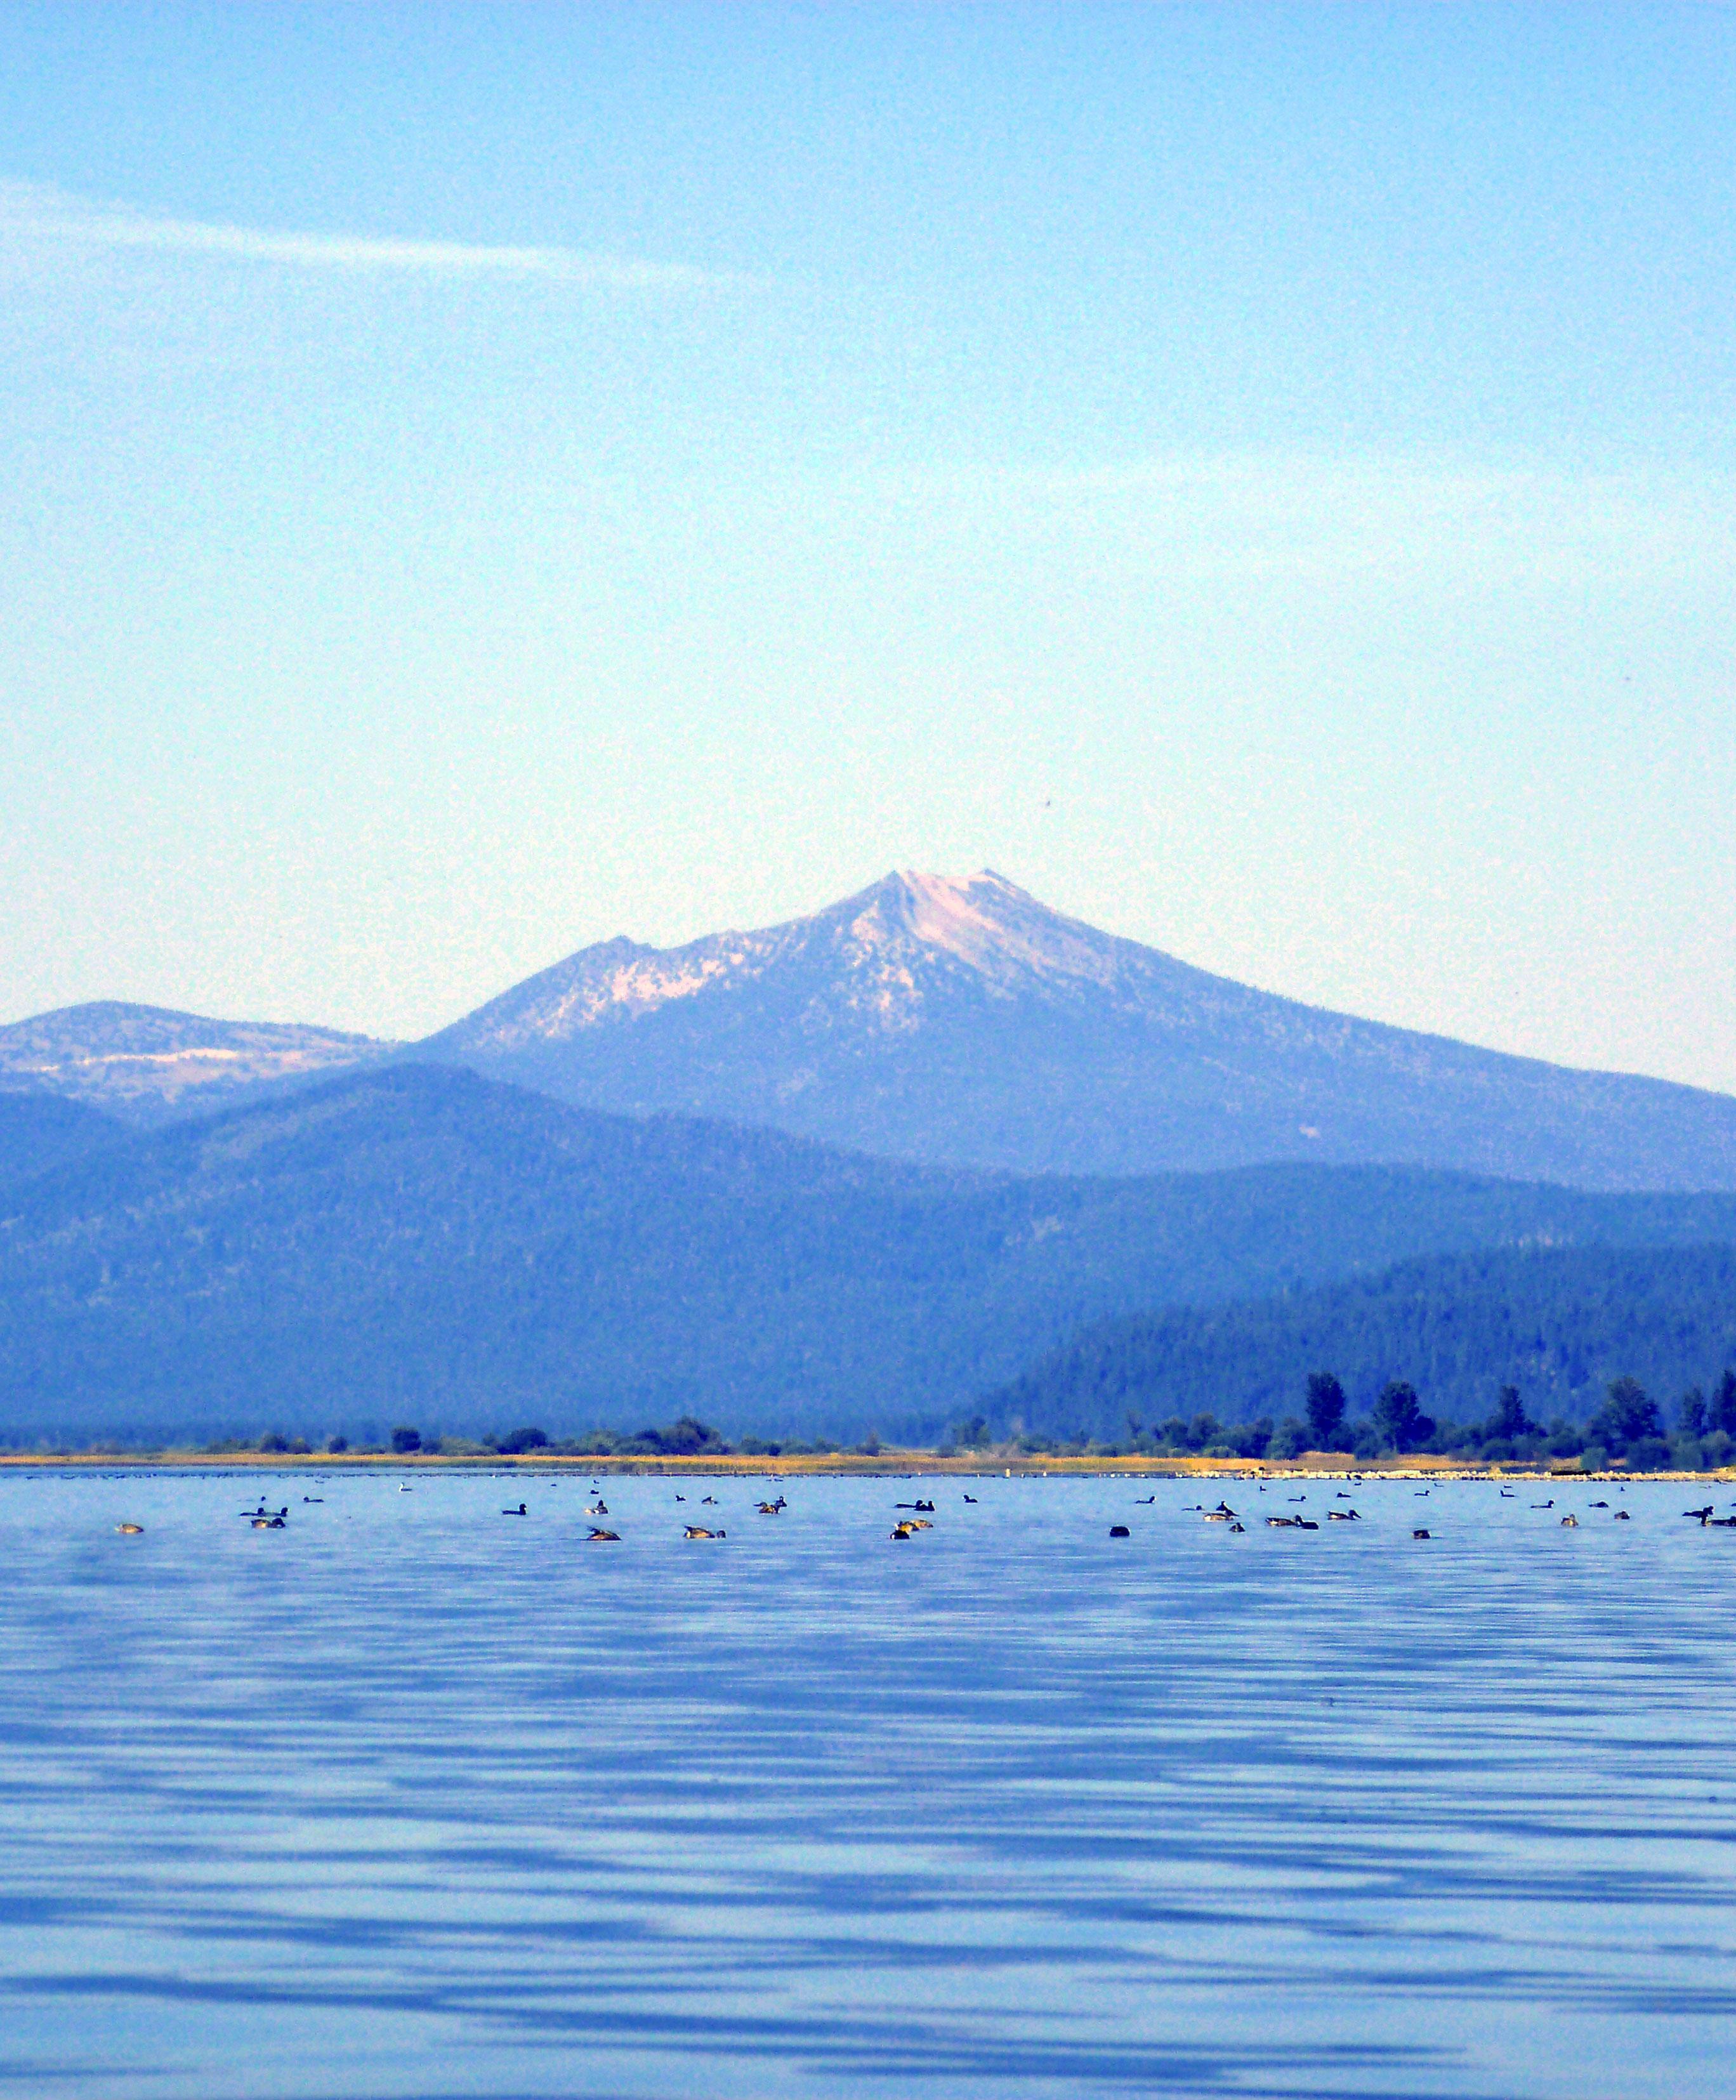 klamath-lac-montagne